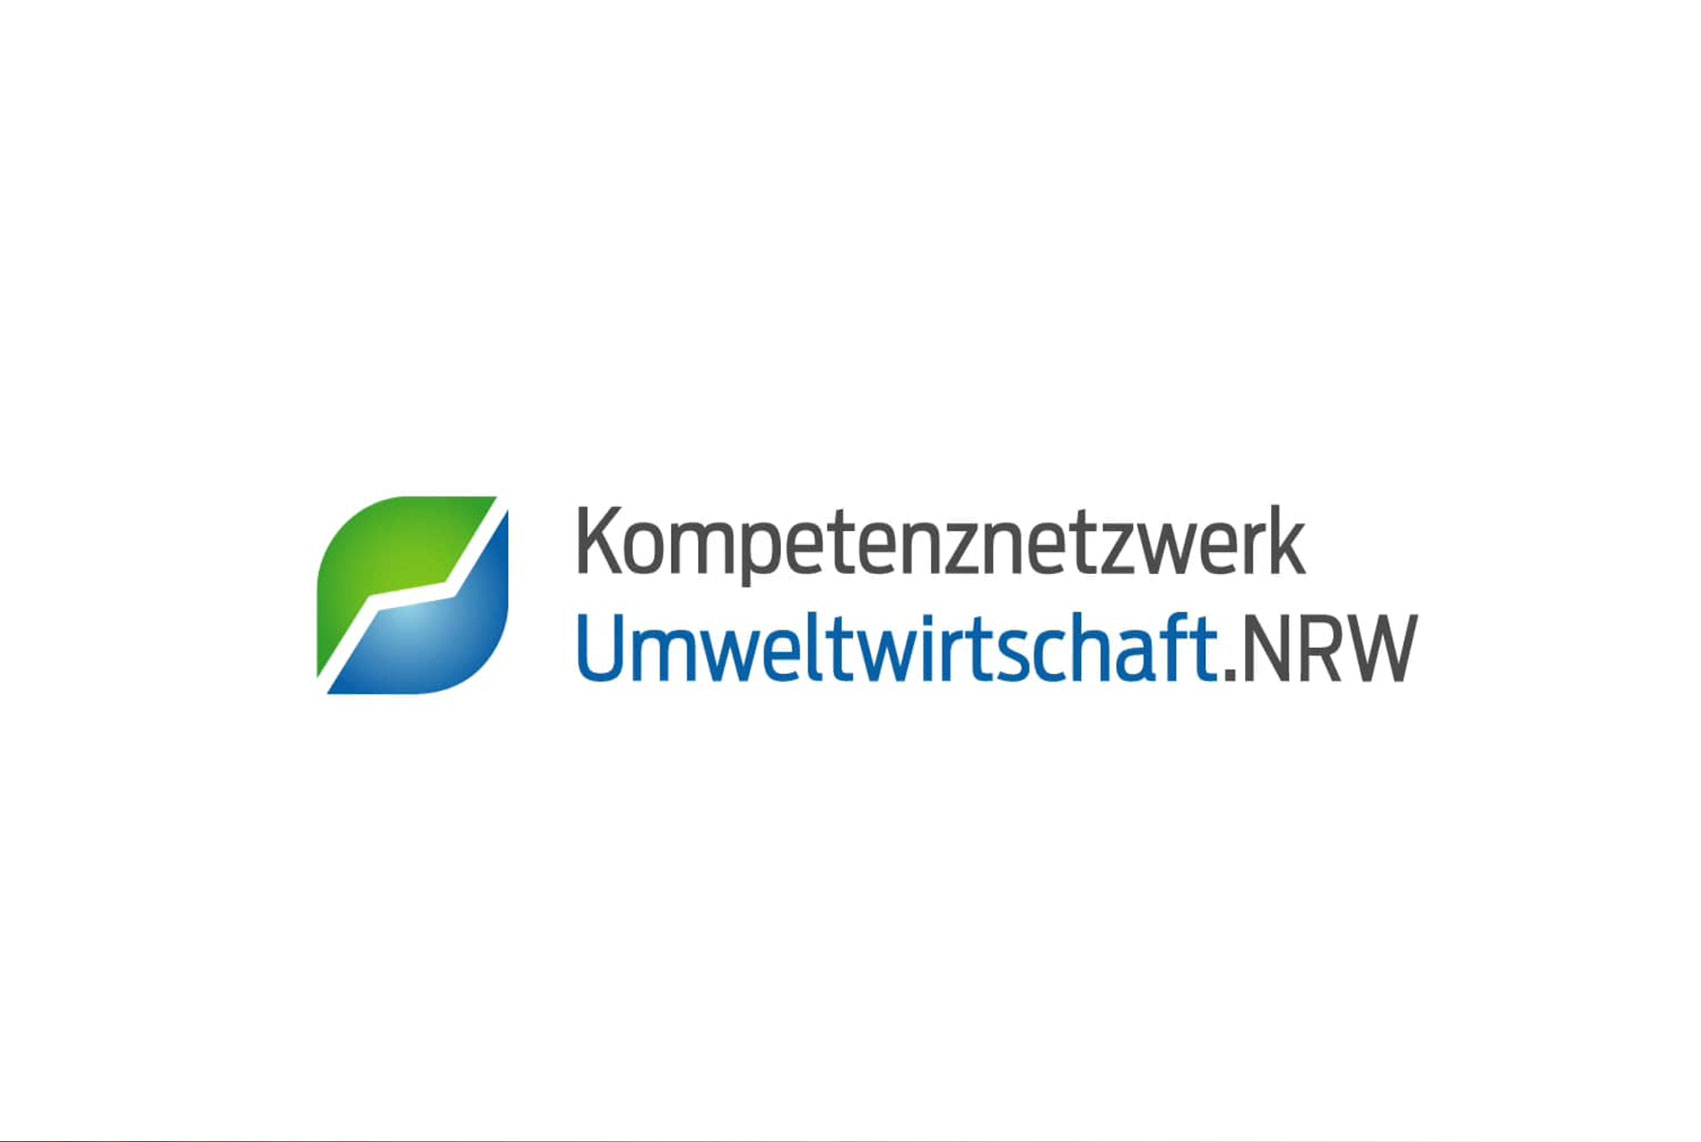 KNUW 2018 – Digitalisierung in der Umweltwirtschaft